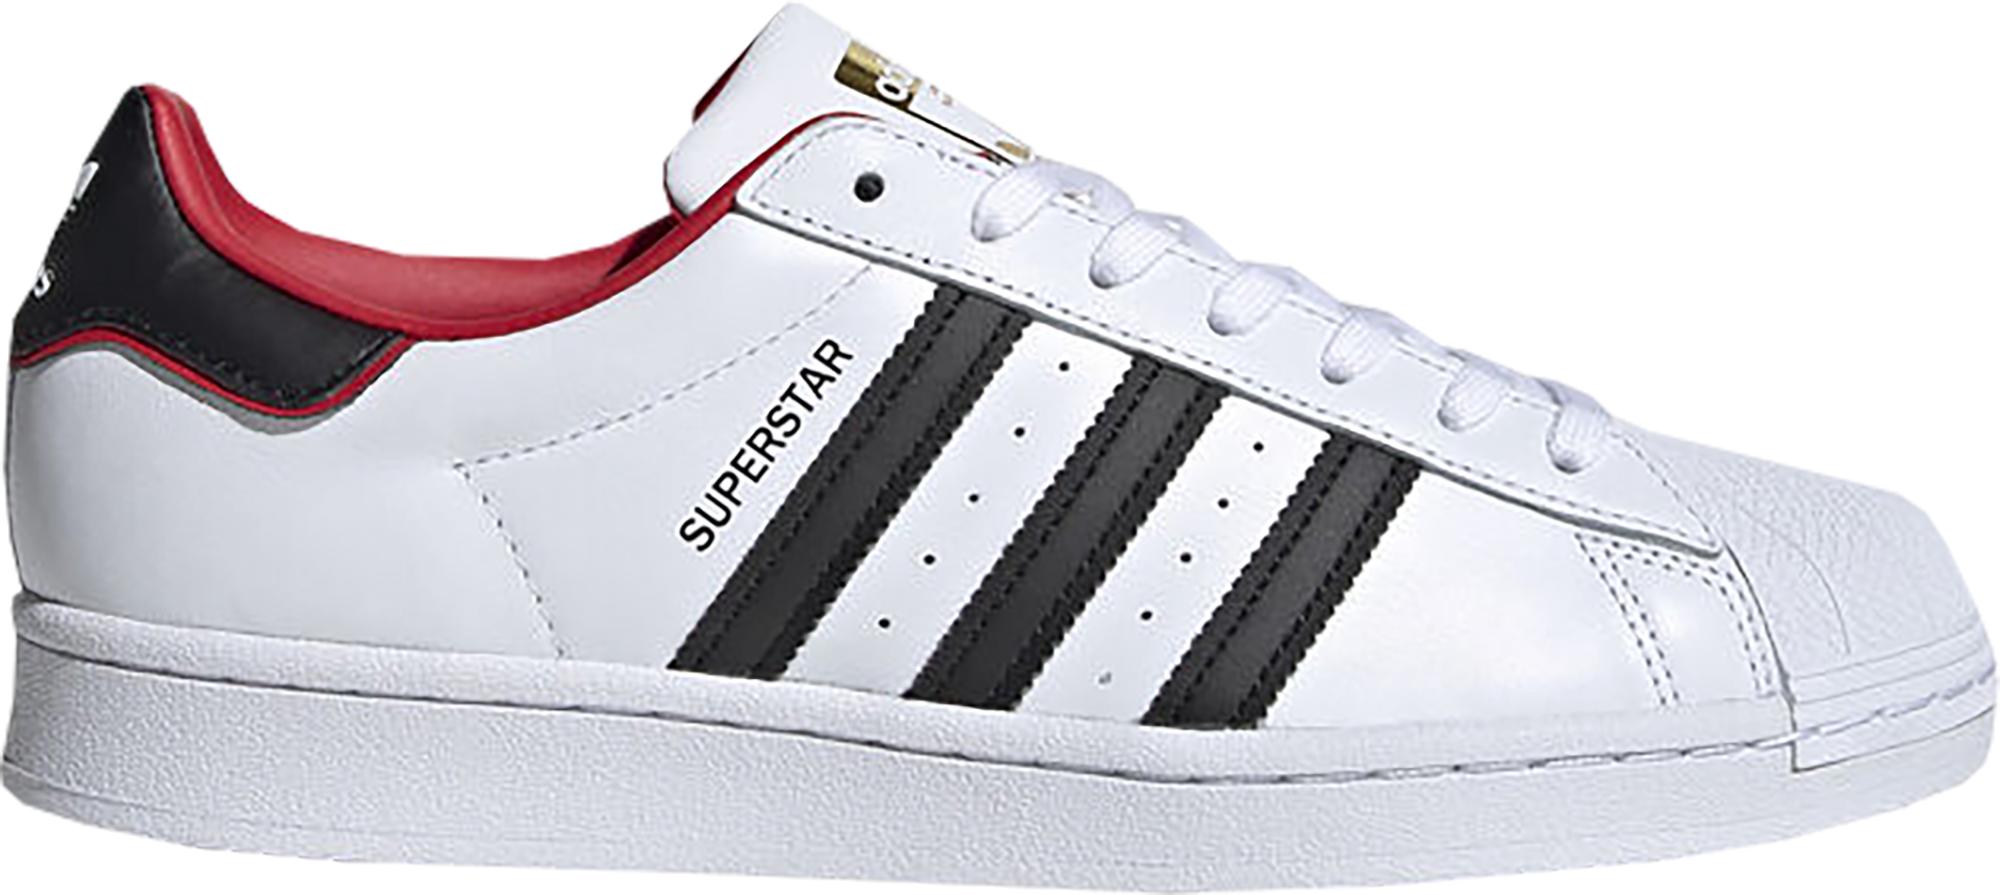 adidas Superstar Valentines Day White